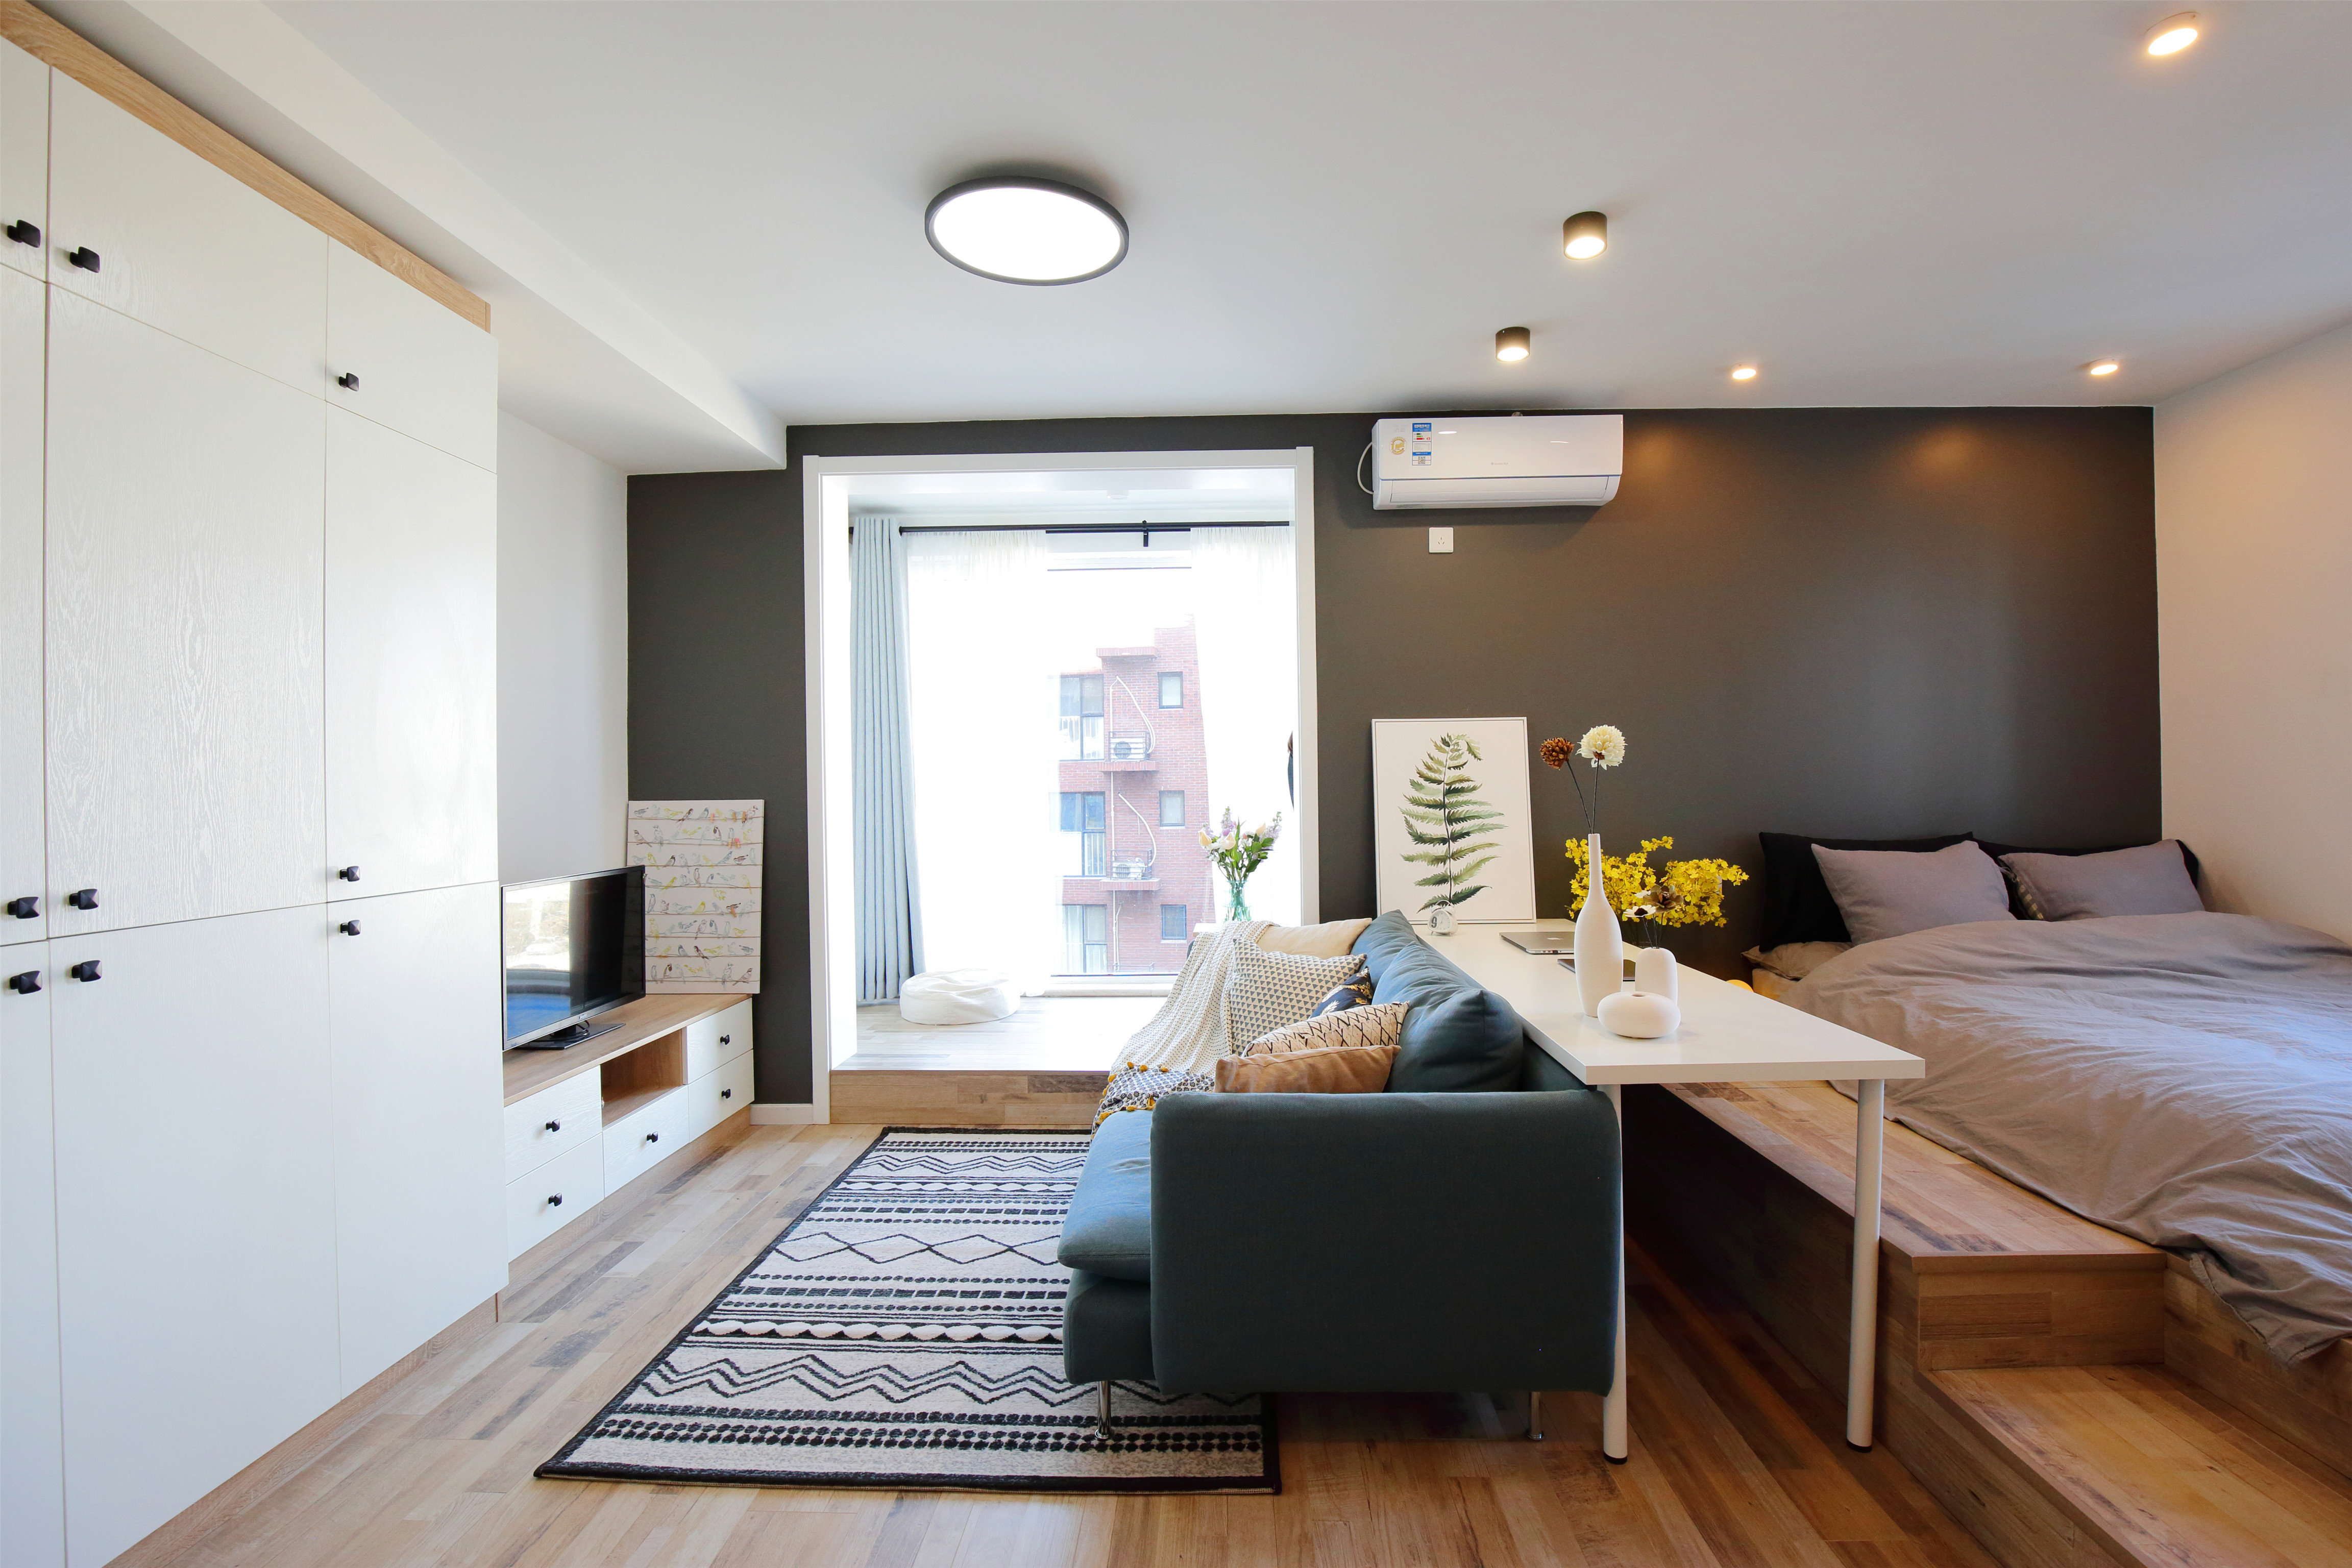 小户型北欧风设计床头背景墙图片